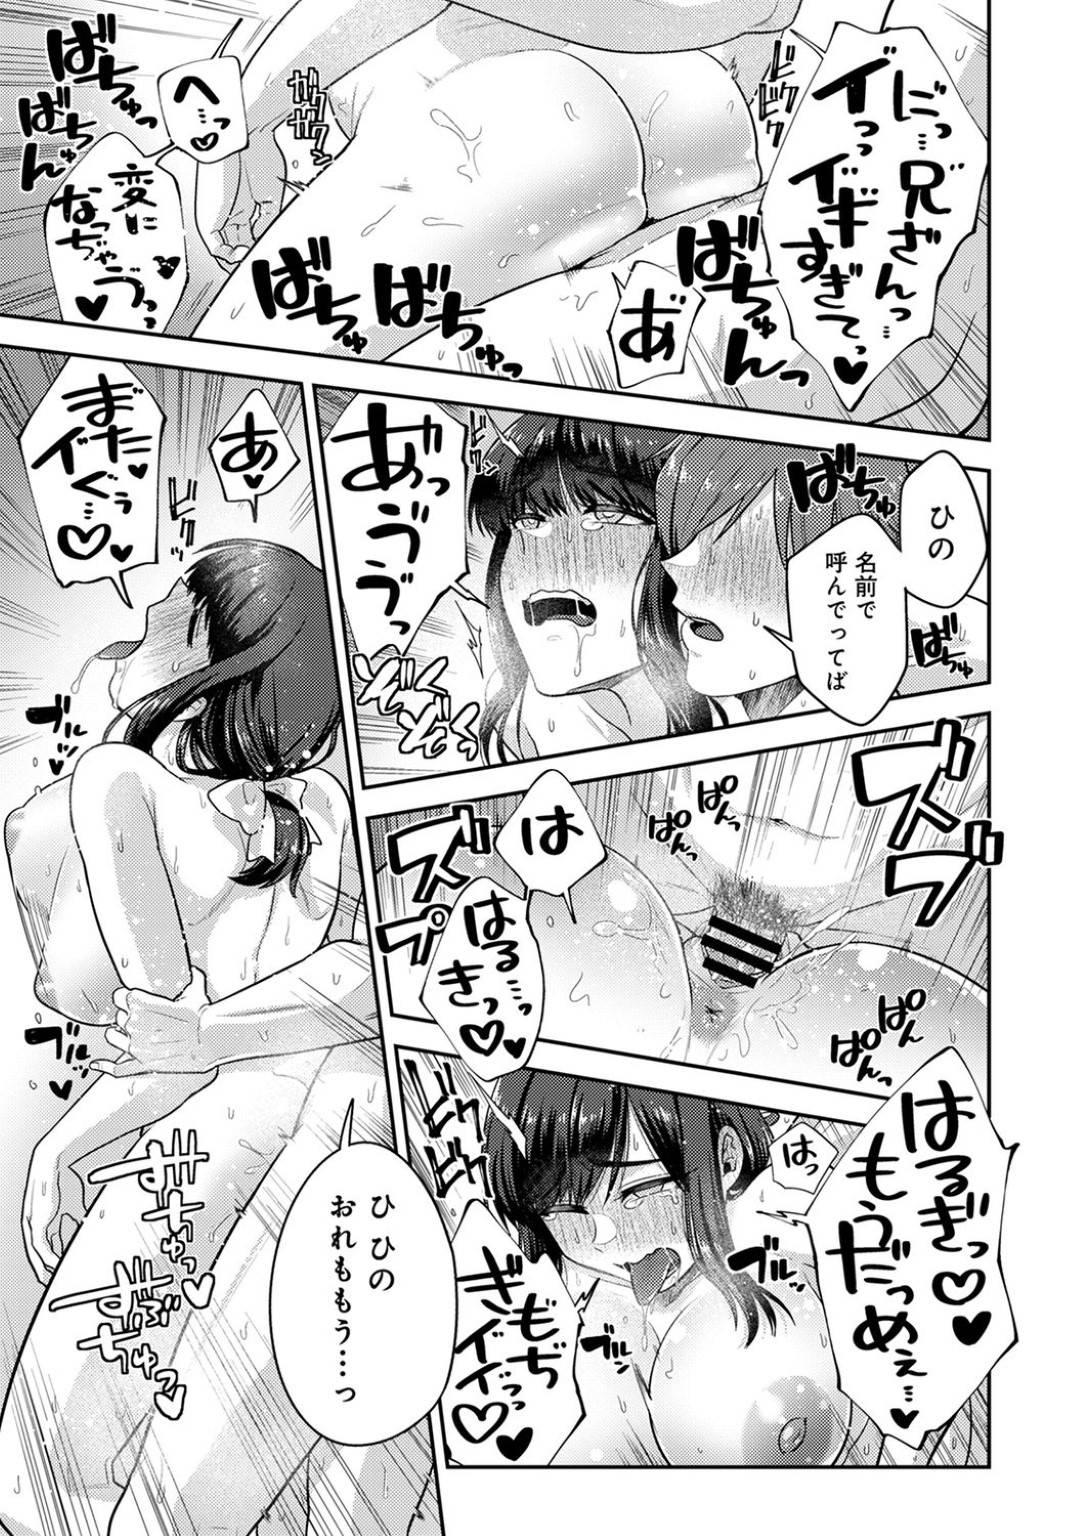 【エロ漫画】兄から好きだと告白されてやっぱり付き合うことにしちゃうかわいい妹…だいしゅきホールドでキスしてバックの中出しセックスでイチャラブしちゃう!【蒼井怜也:子作りマテリアル 第八話】